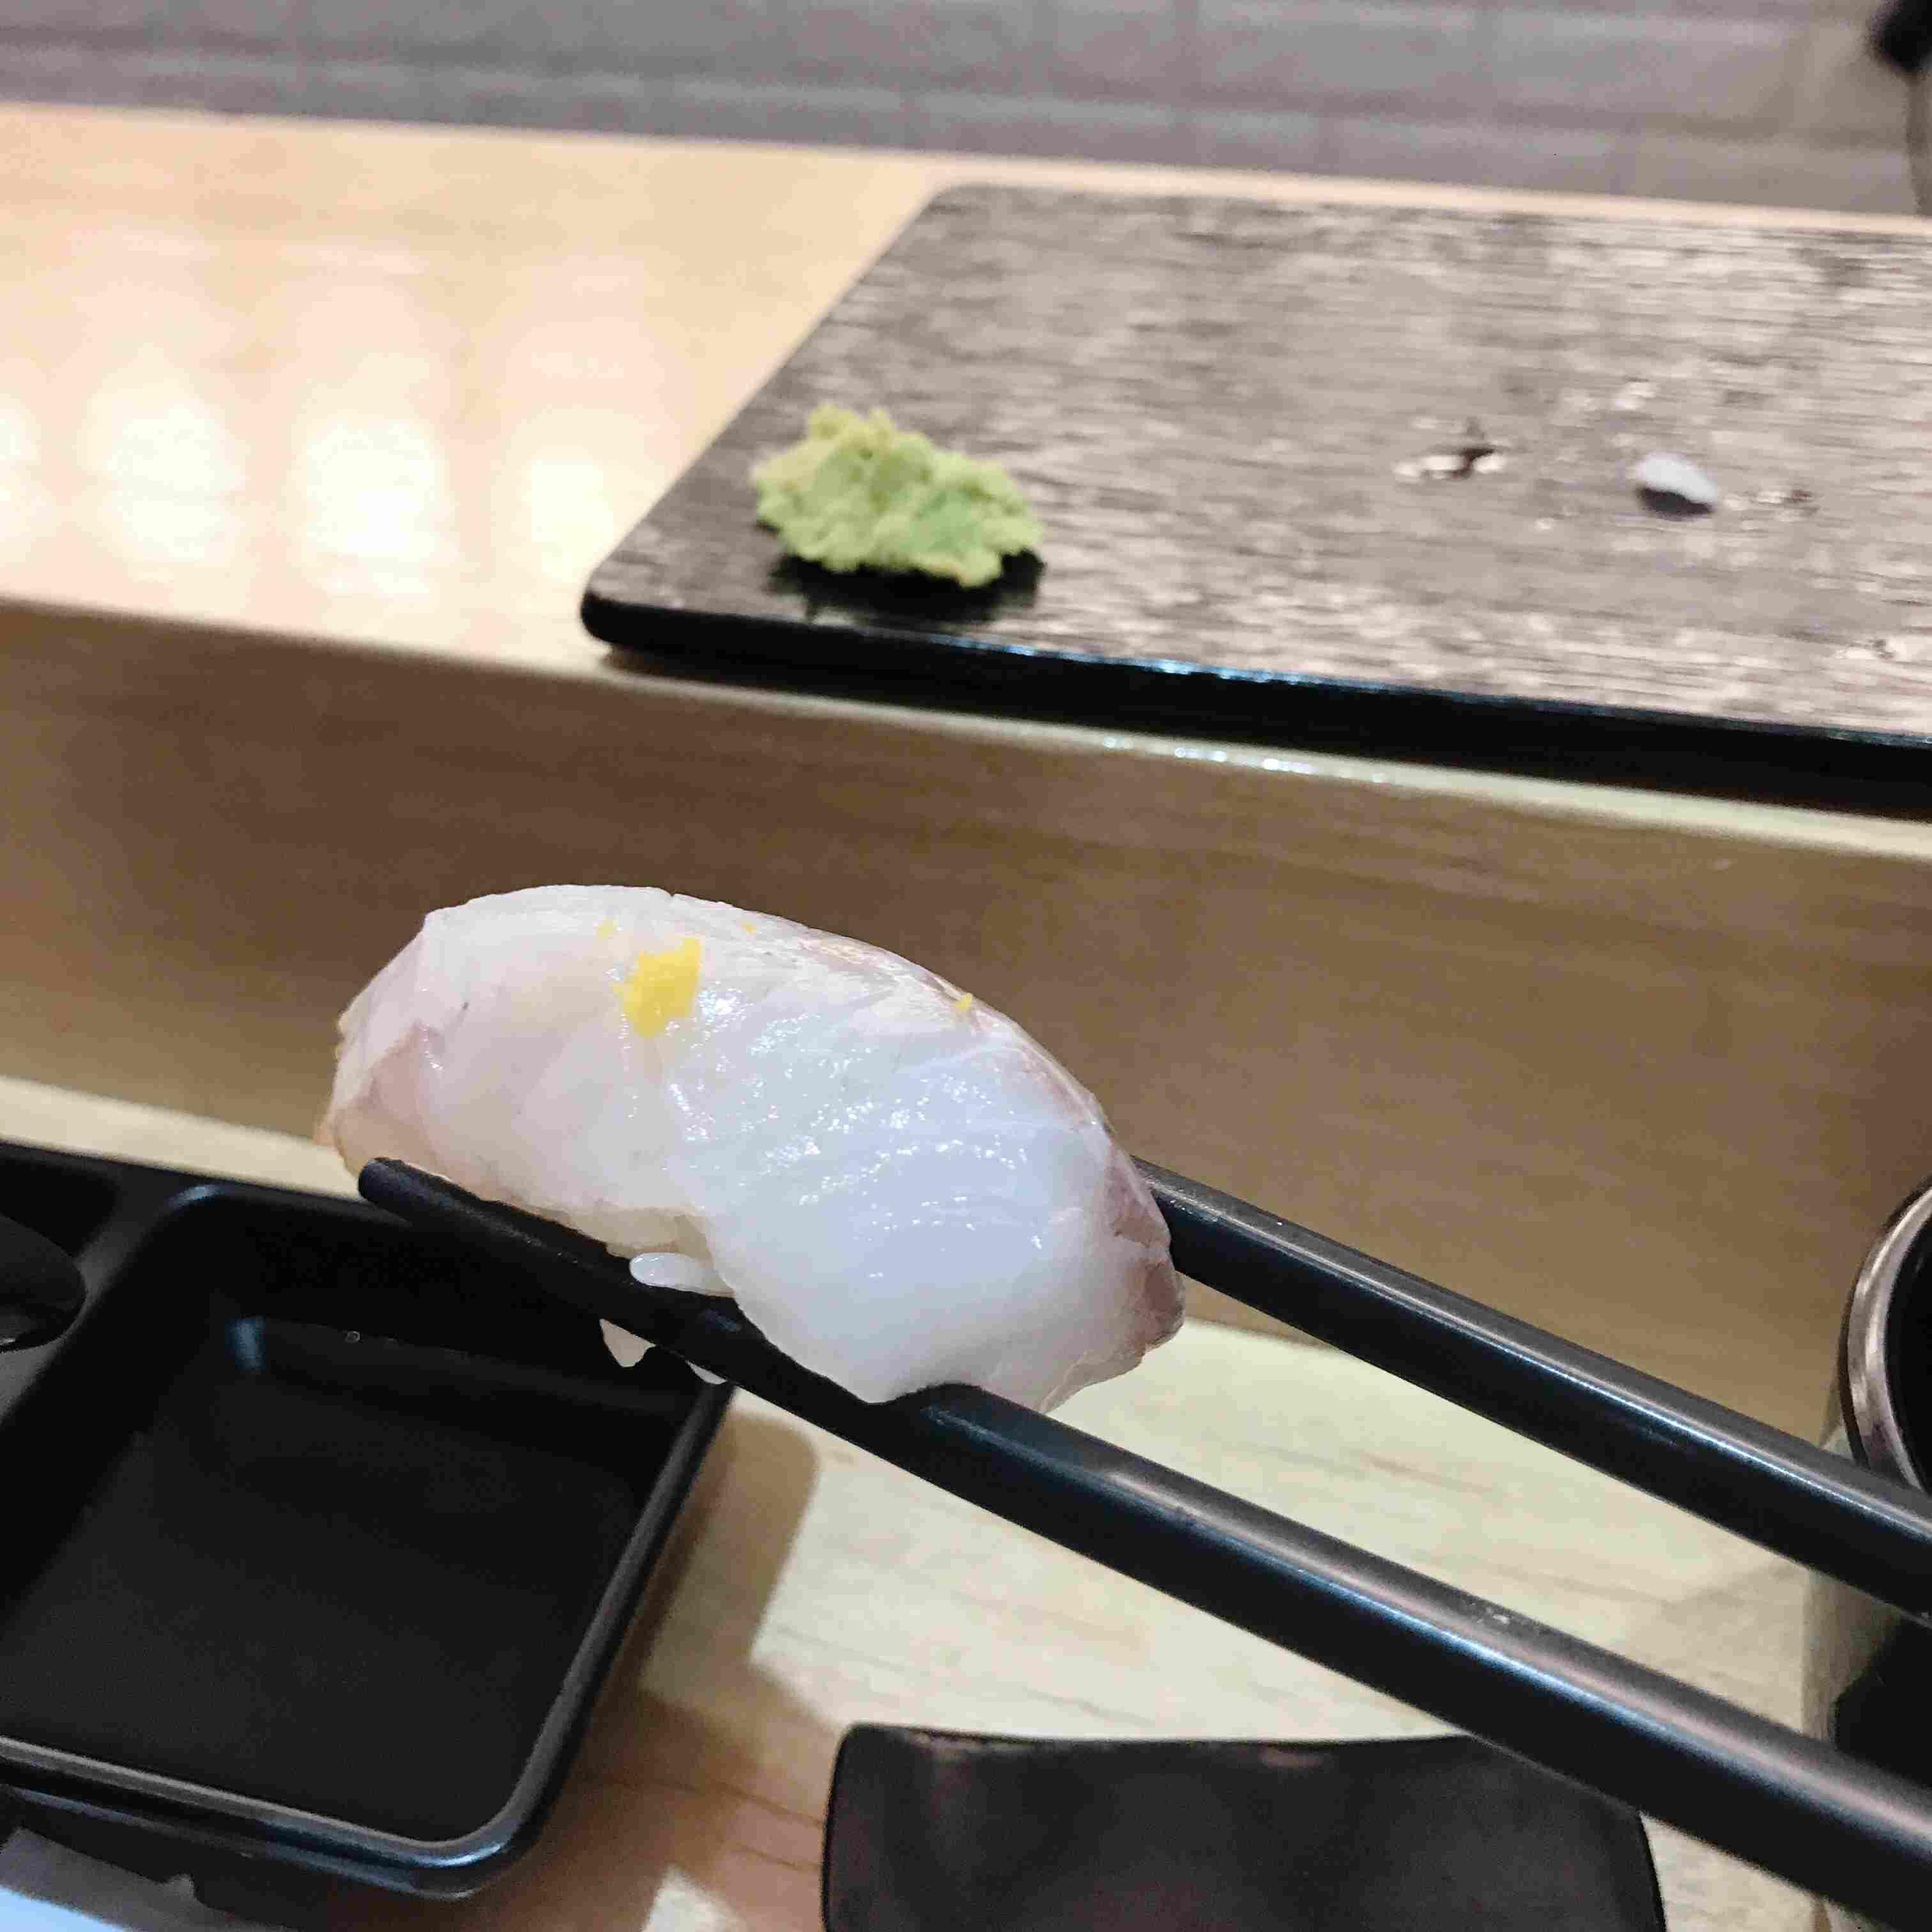 第二件是농어(鱸魚),上面黃色一點的是柚子,一開始會覺得壽司加上柚子的味道會很奇怪,但是吃了以後卻發現他的味道很特別,很好吃~